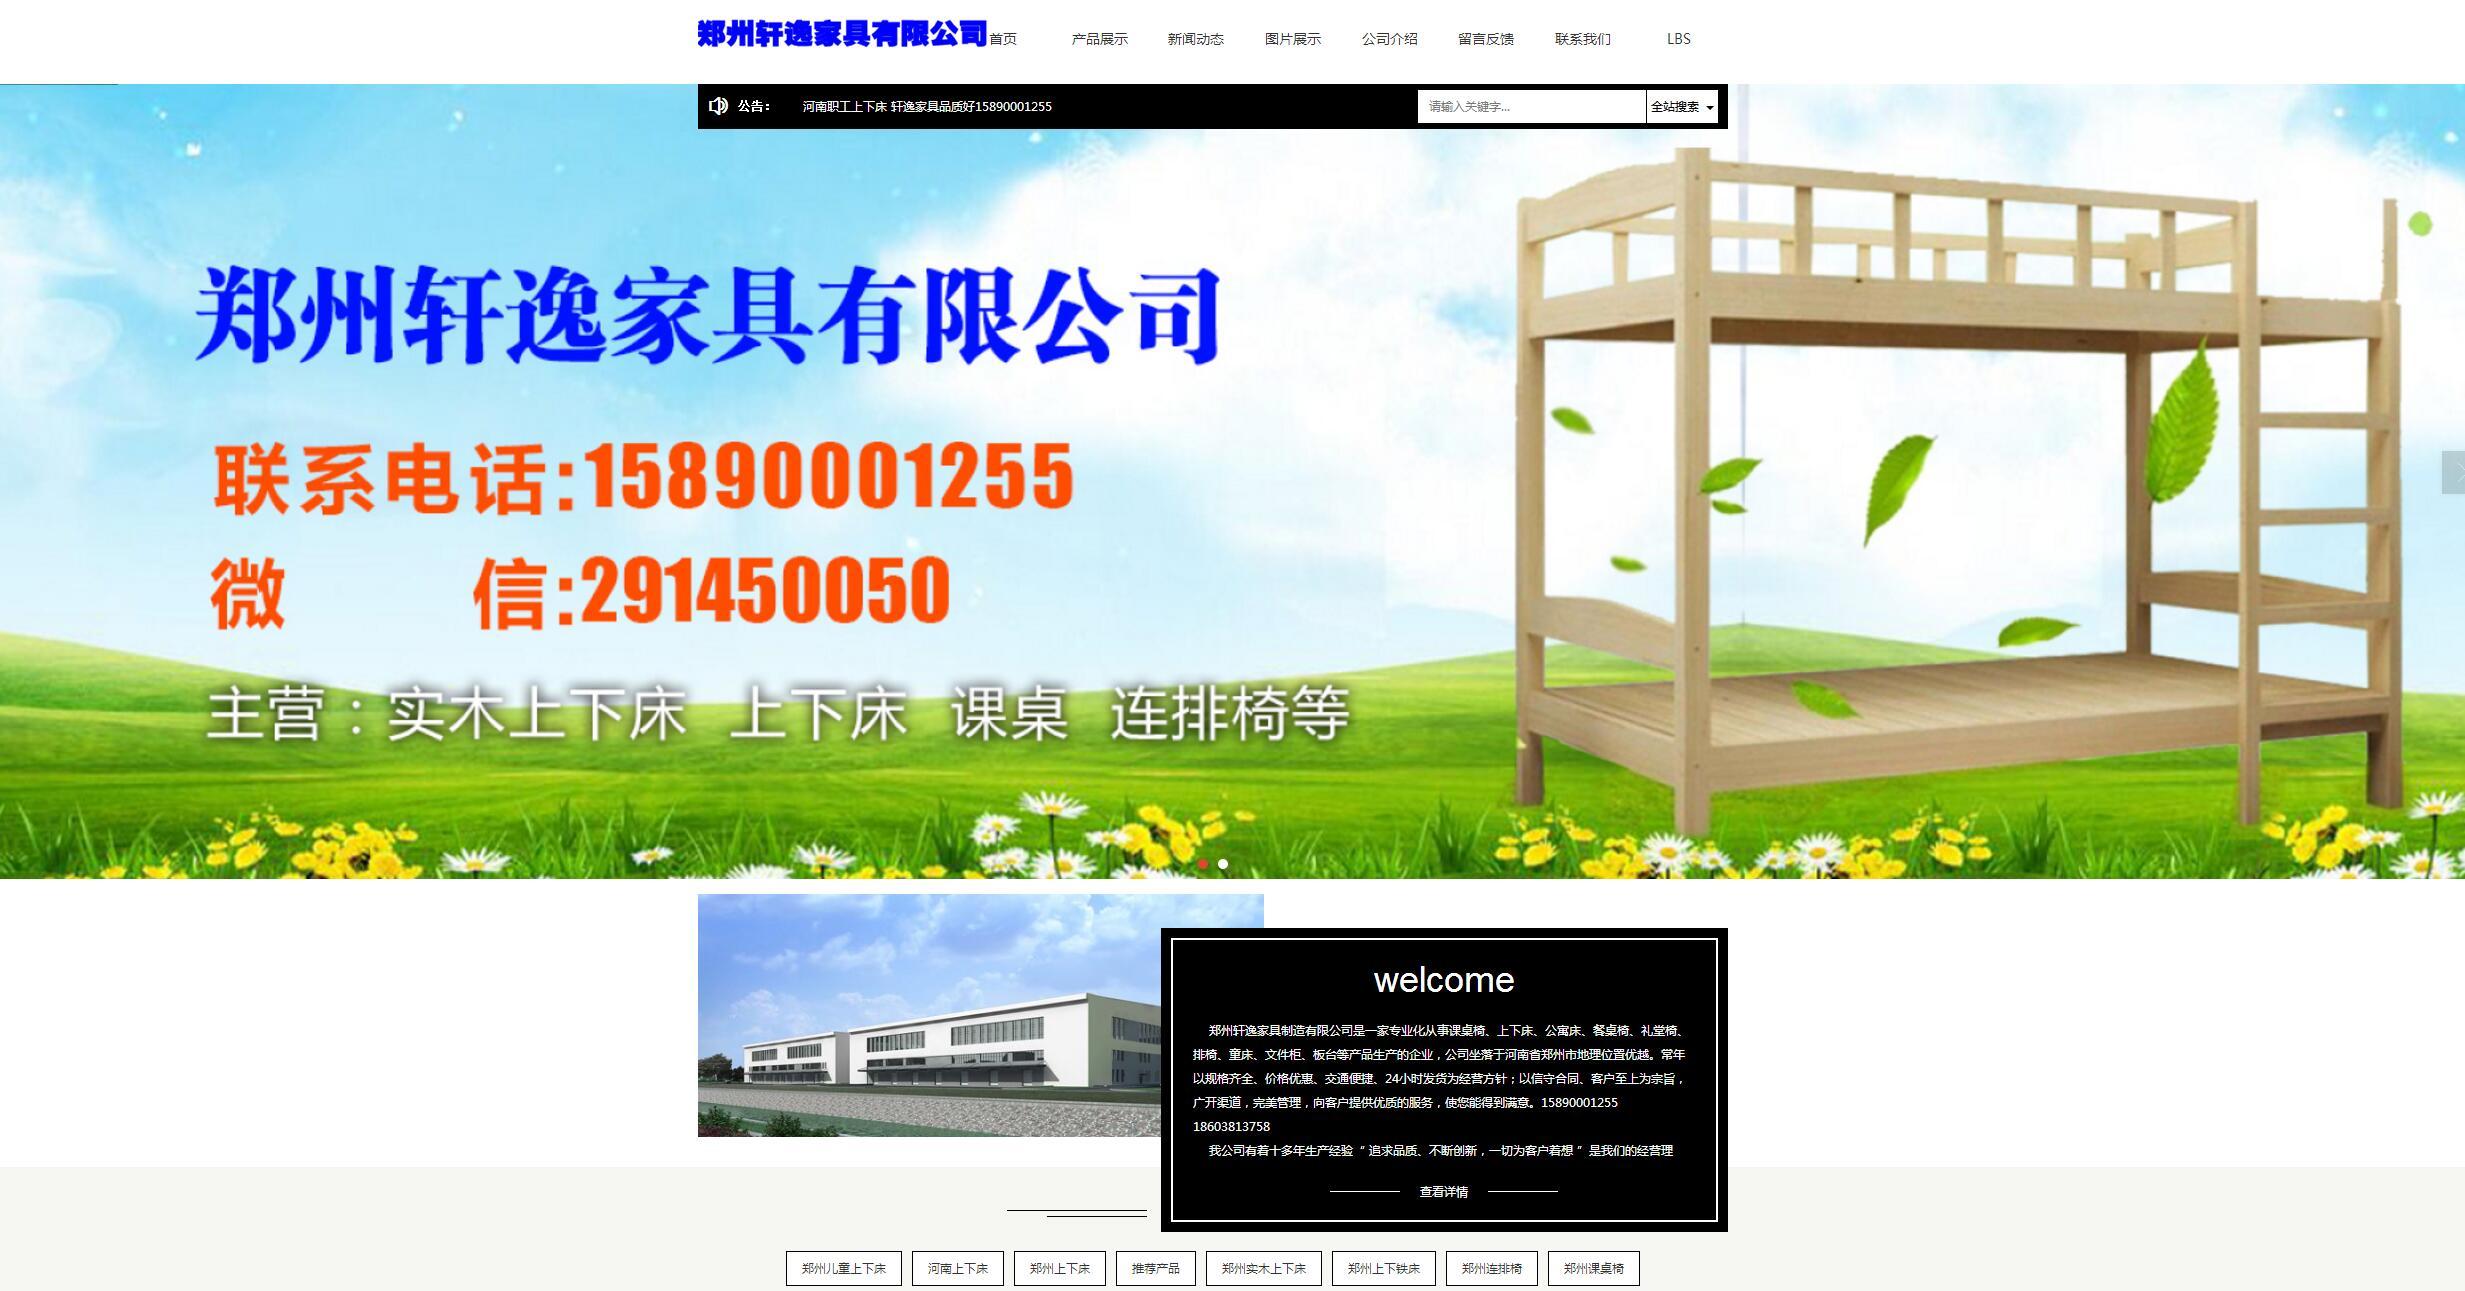 郑州网络营销哪家好【聚商网络】无效全额退款